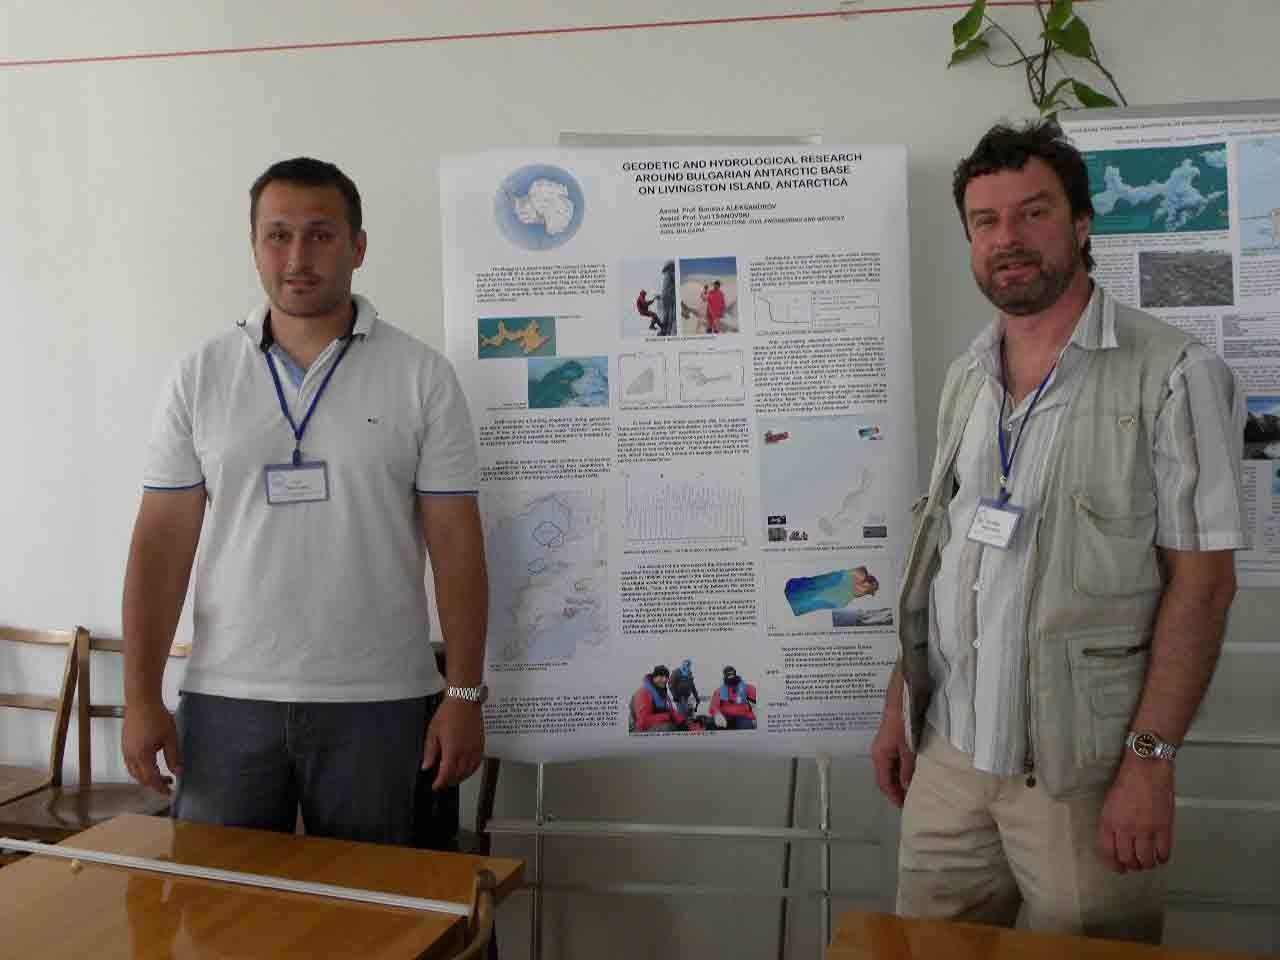 Българи представиха извършените геодезически дейности на о. Ливингстън на Международната антарктическа конференция в Киев